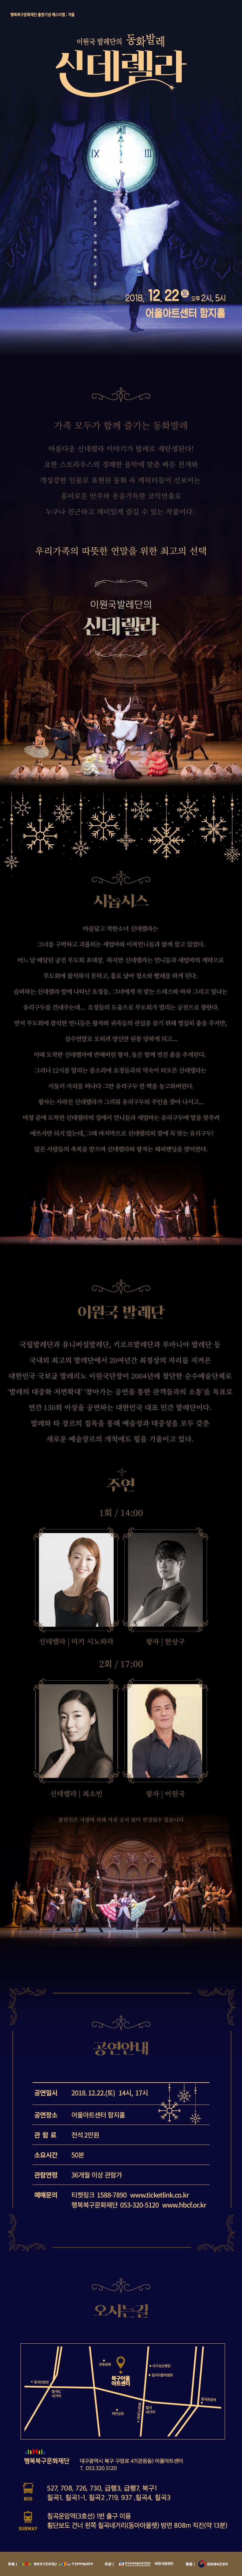 홈페이지_상세(신데렐라).png